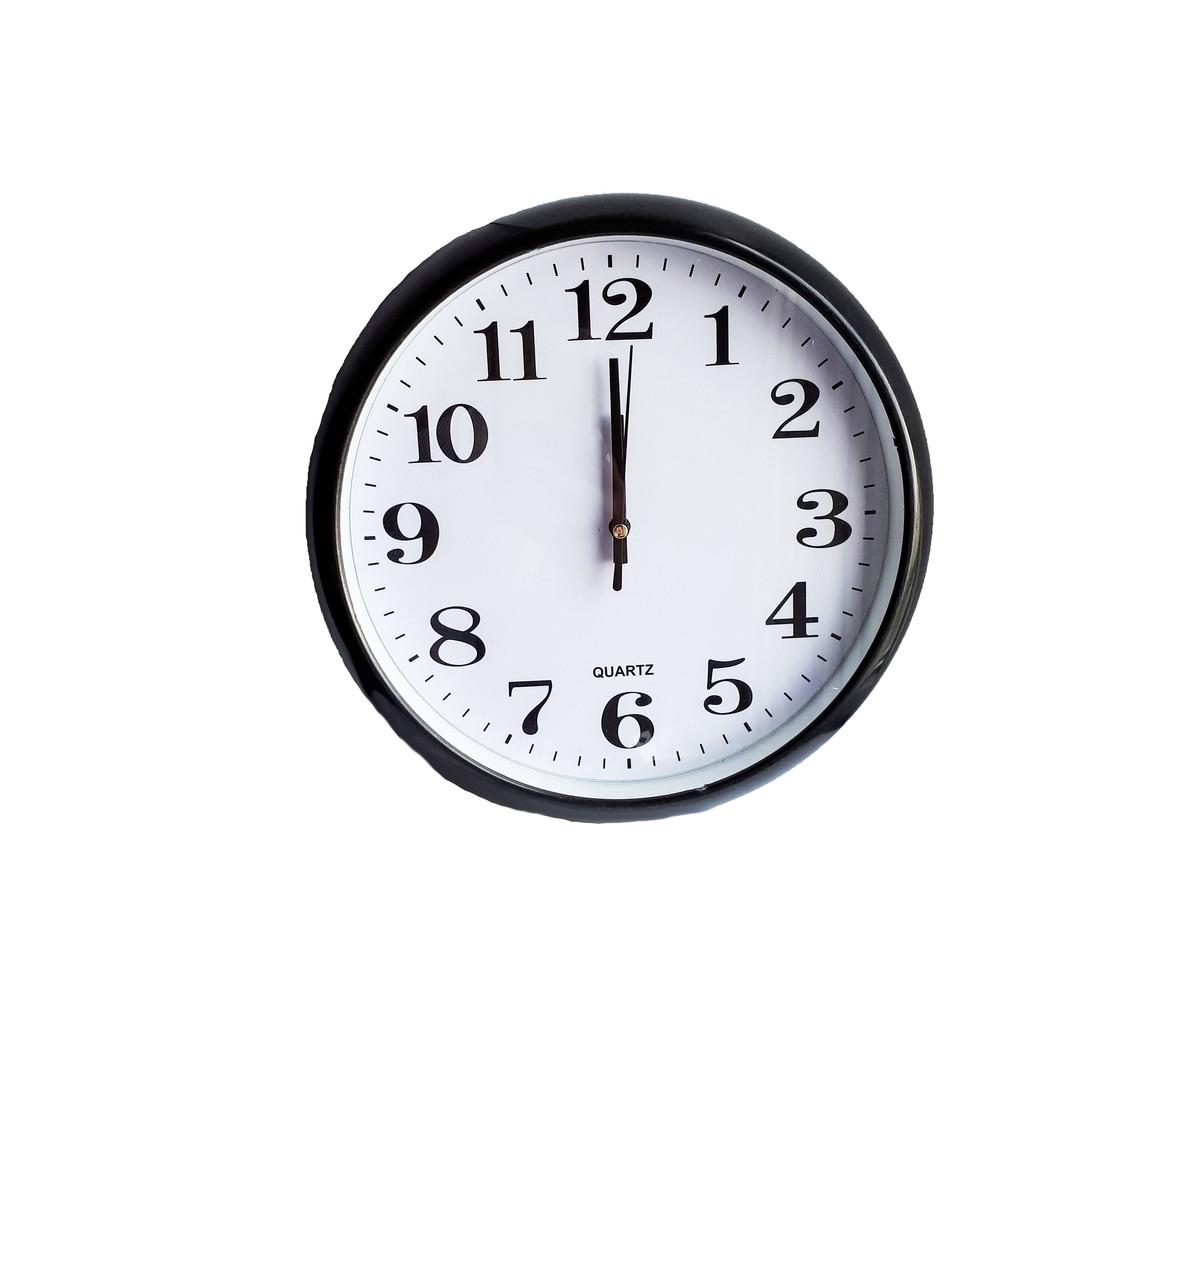 Часы настенные круглые Abееr 200BLR с округлой окружностью.